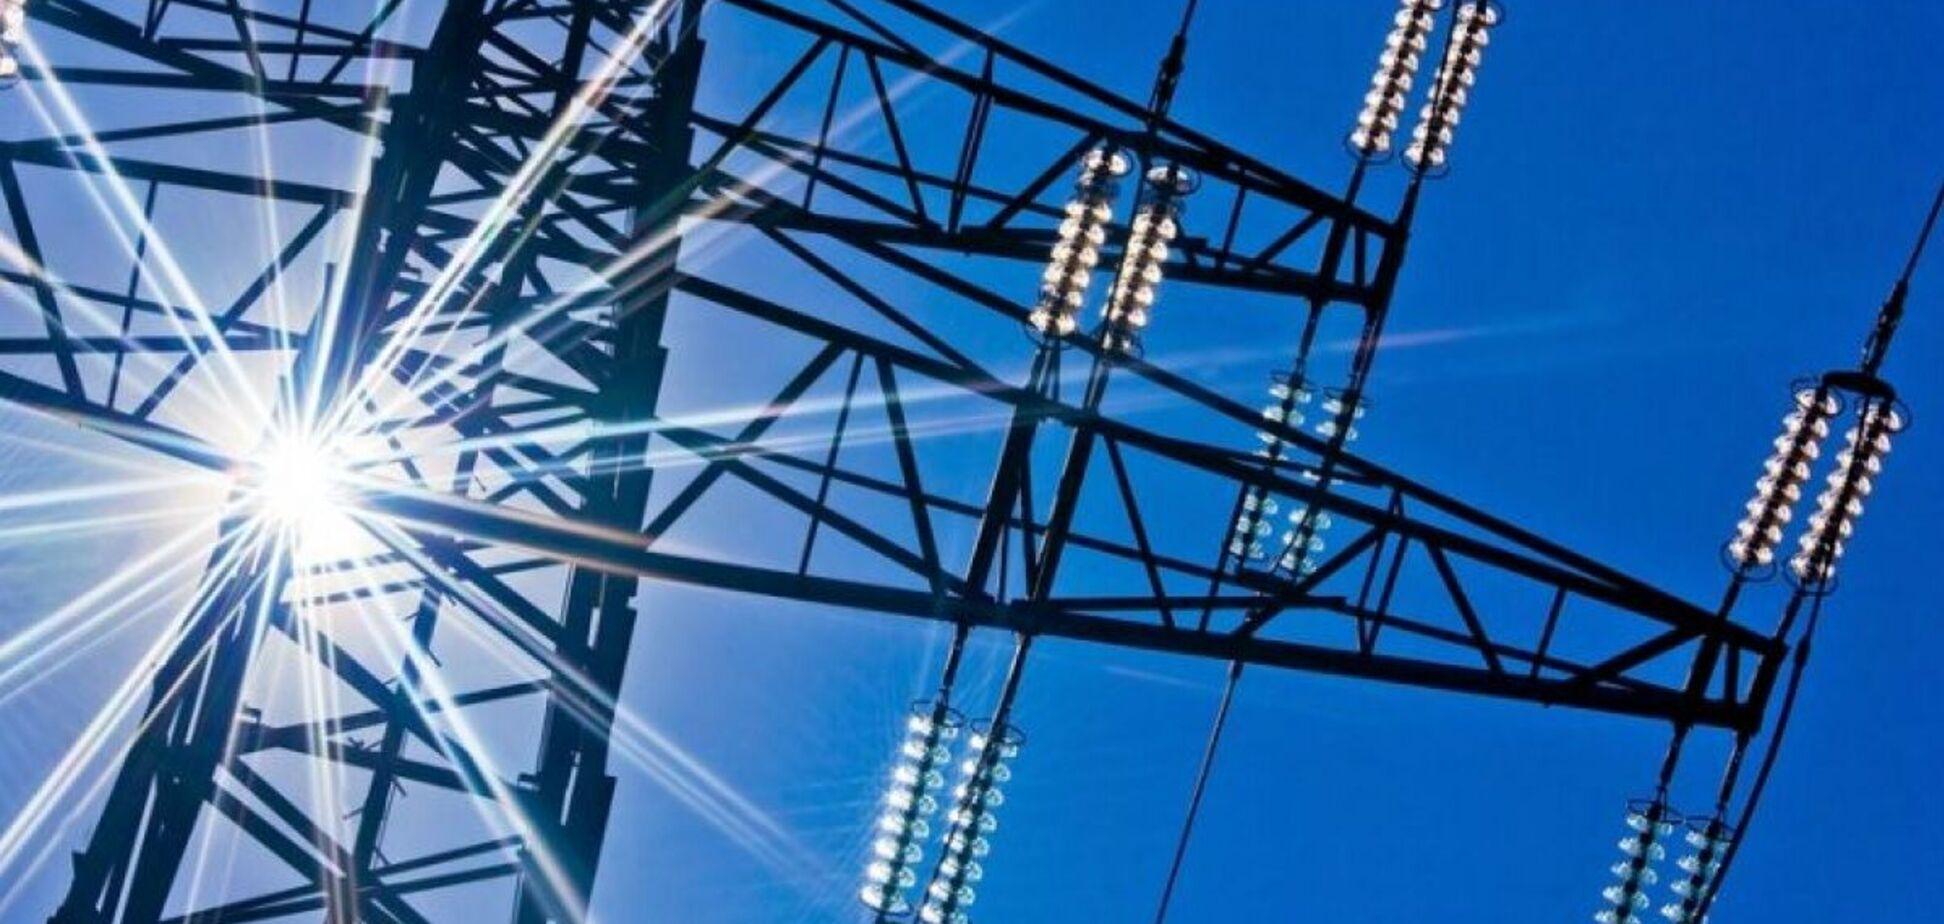 Черговий схематоз на роздрібному ринку електроенергії